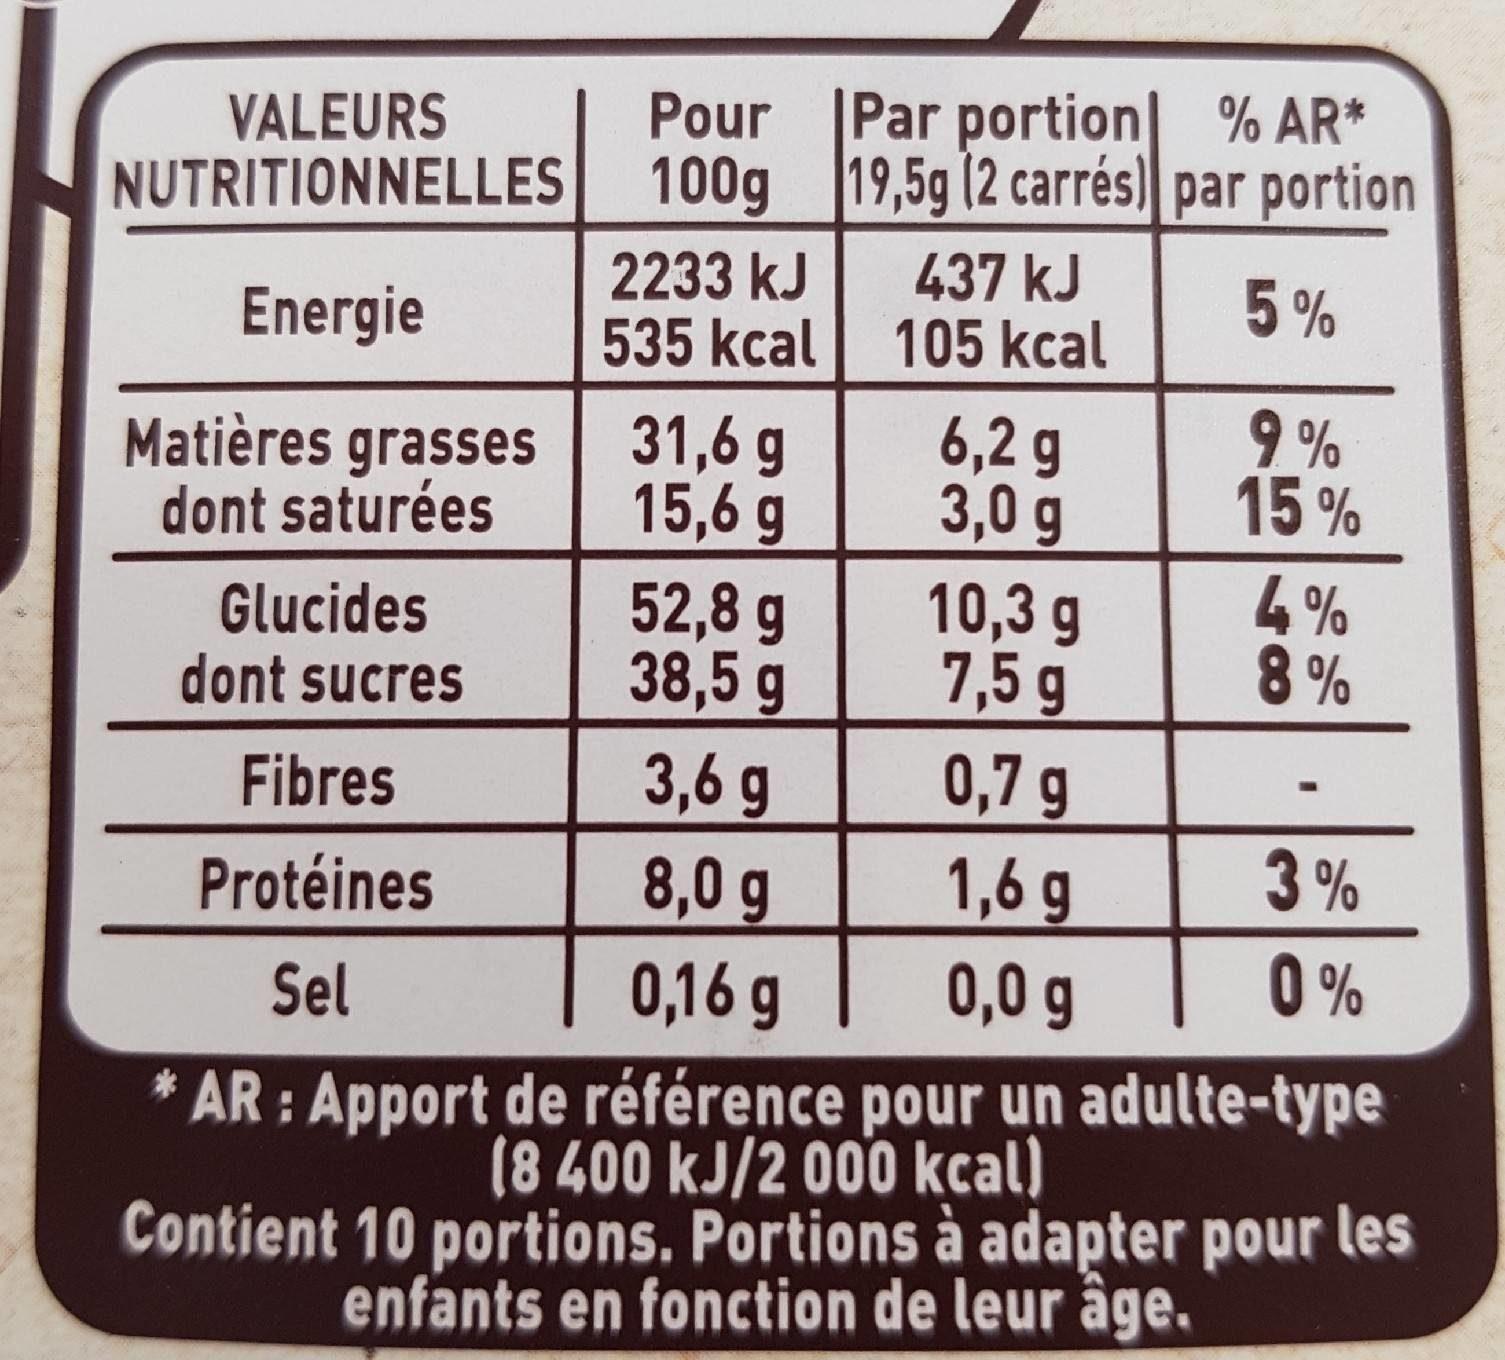 Les recettes de l'atelier Chocolat au lait Raisins, Amandes & Noisettes - Informations nutritionnelles - fr